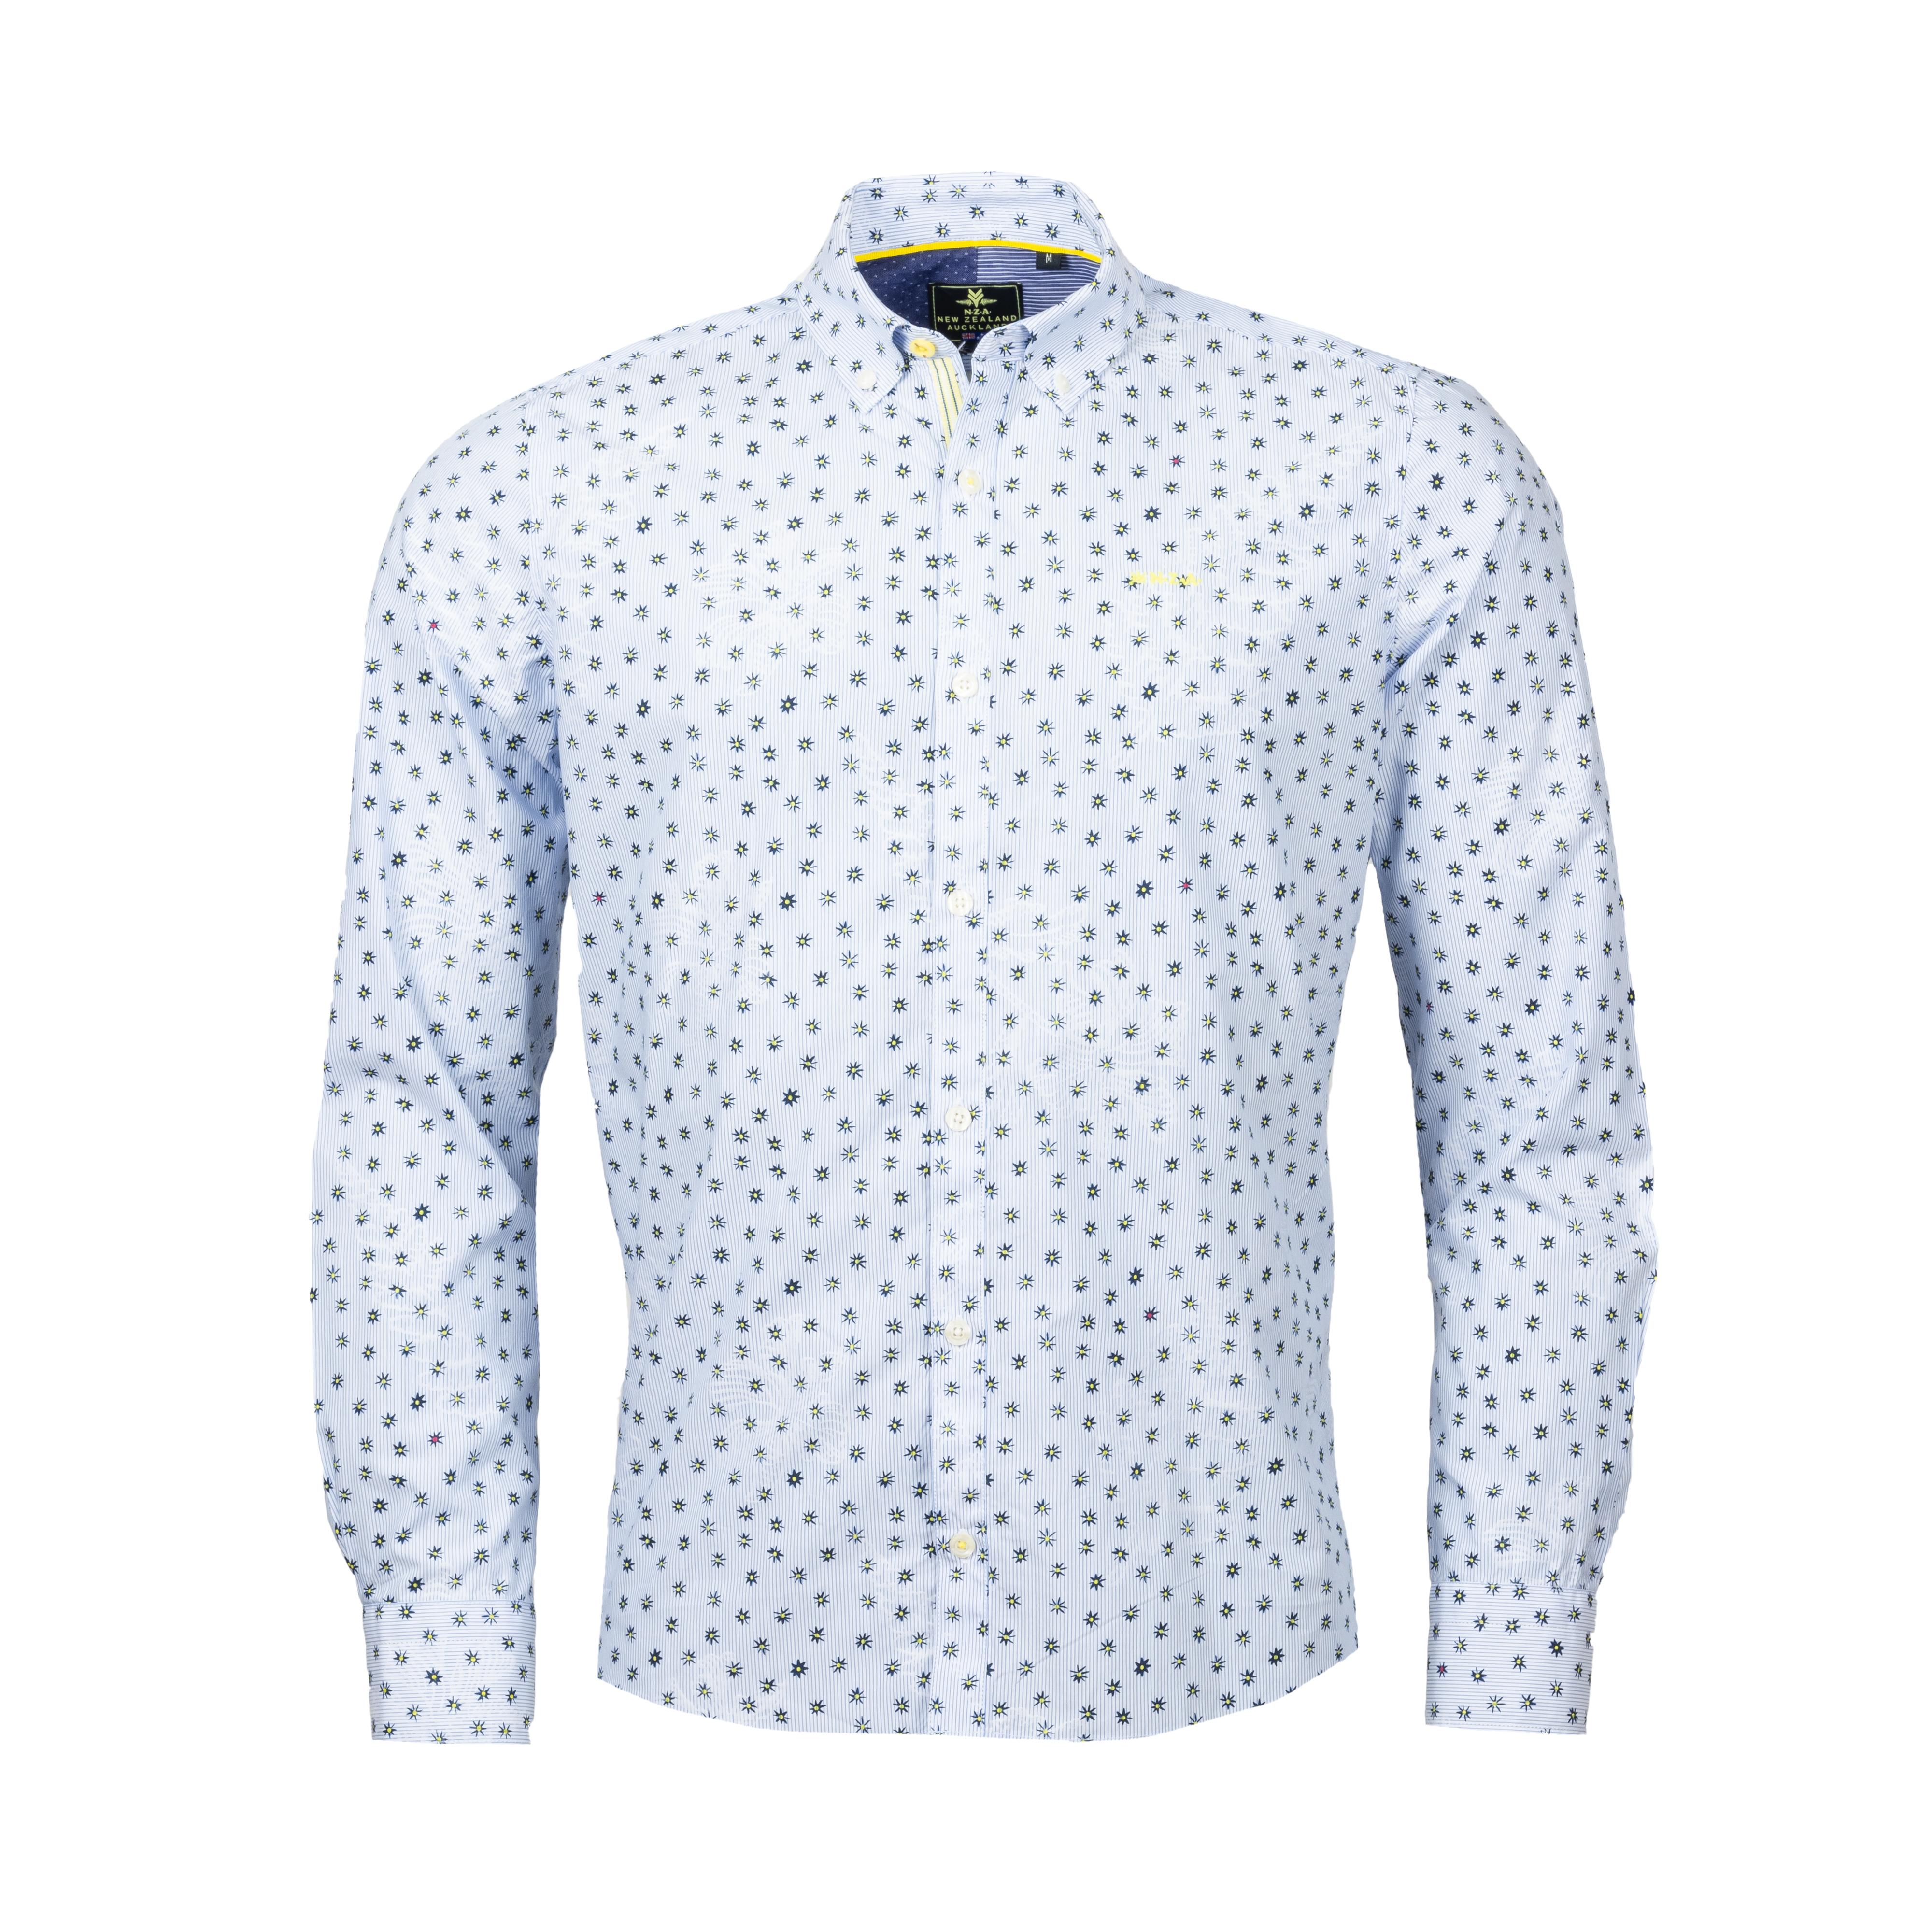 Chemise ajustée New Zealand Auckland Kaweka en coton bleu ciel à motifs noirs et jaunes